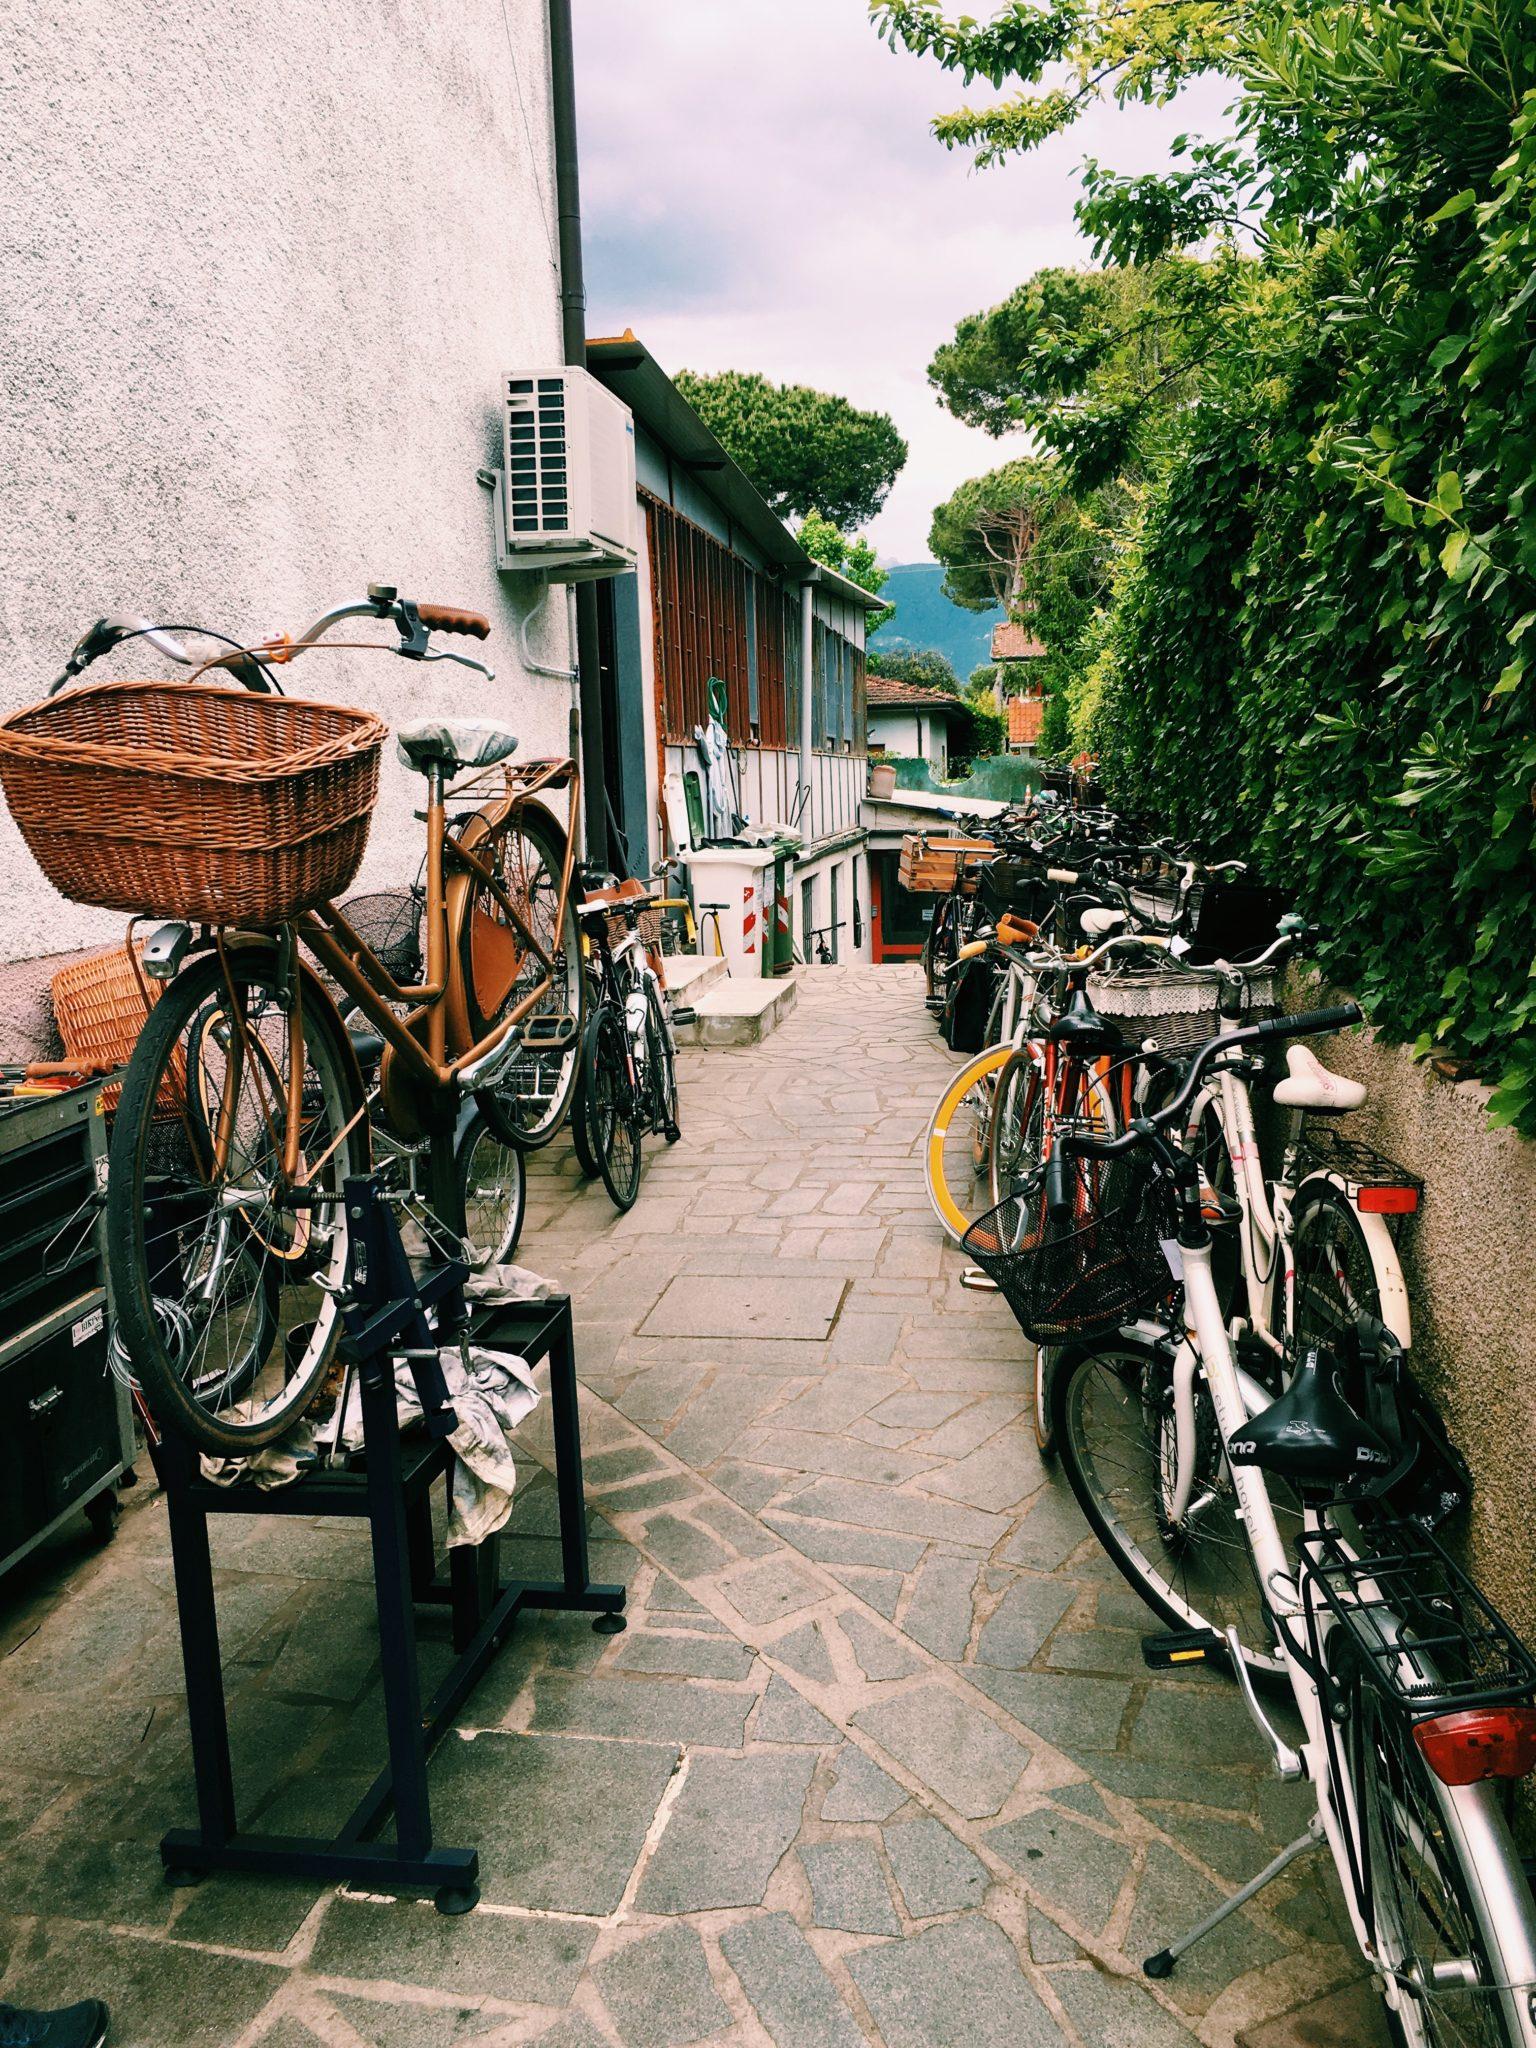 Lidi, borghi anni '60, crepes, la discoteca più antica del mondo e altri luoghi da scoprire di Forte dei Marmi, in bicicletta e non solo